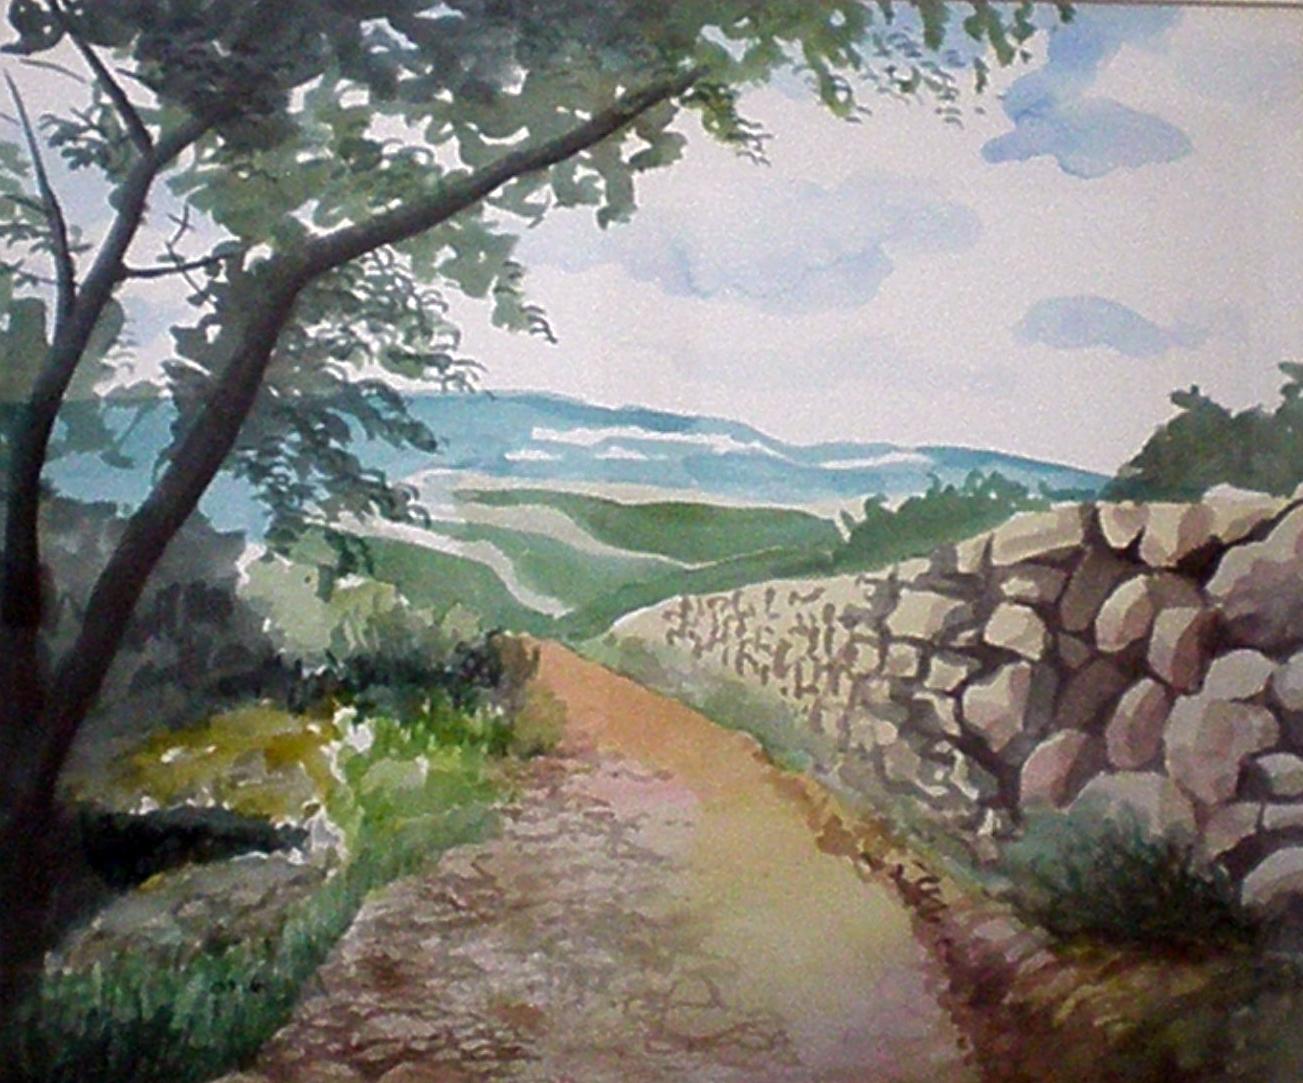 """""""עומדות היו רגלנו"""" - הרי ירושלים - תמונת אקורל מאת אסתי הס"""